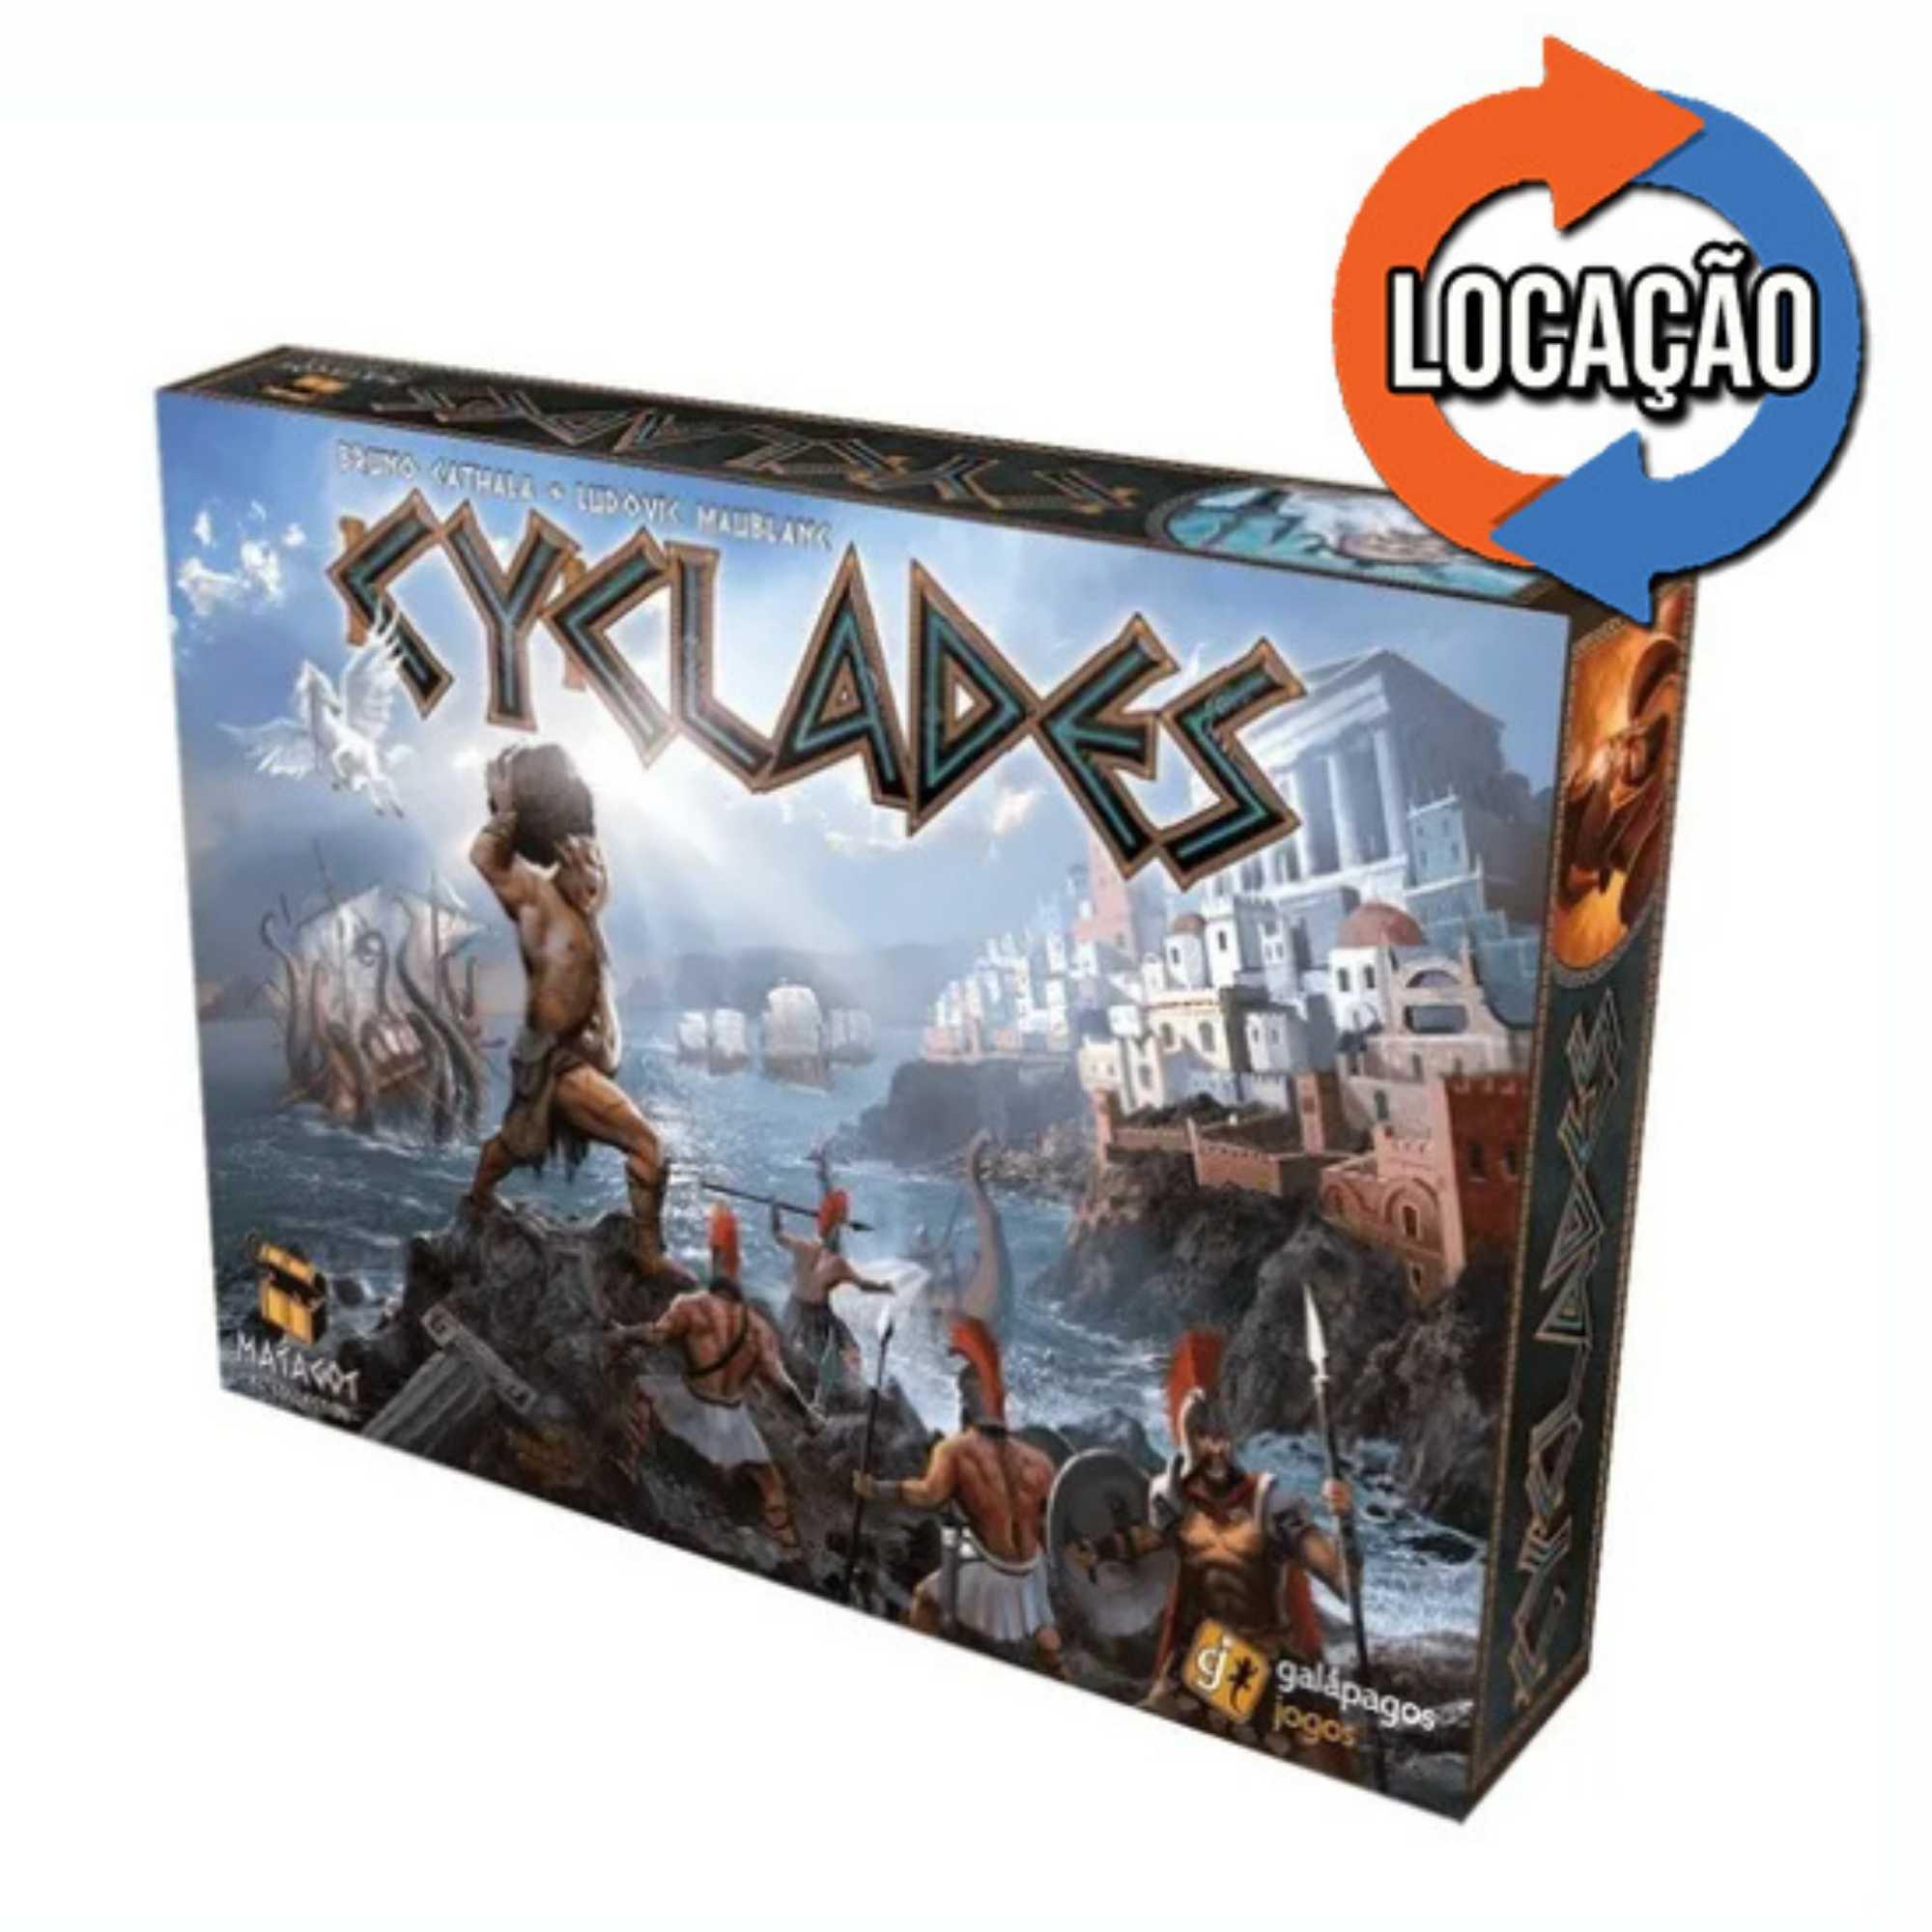 Cyclades (Locação)